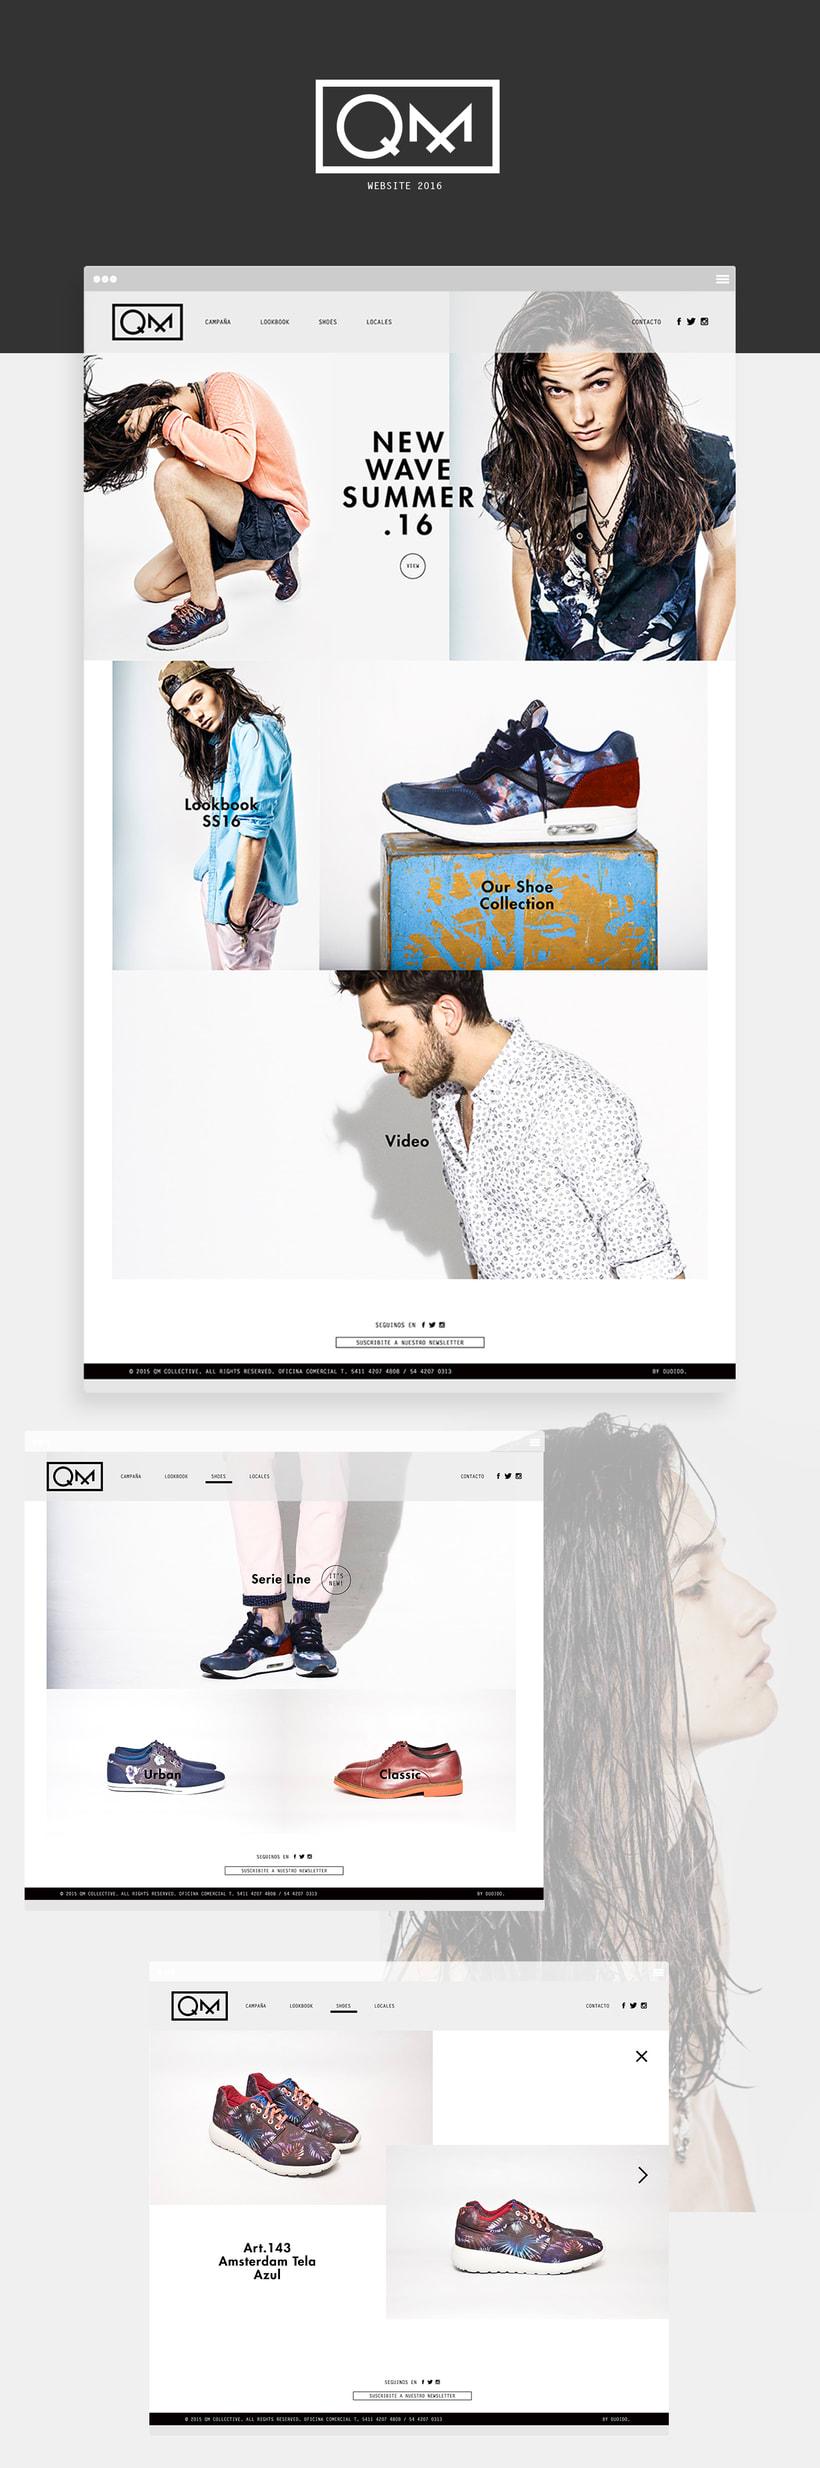 QM Web Design 0